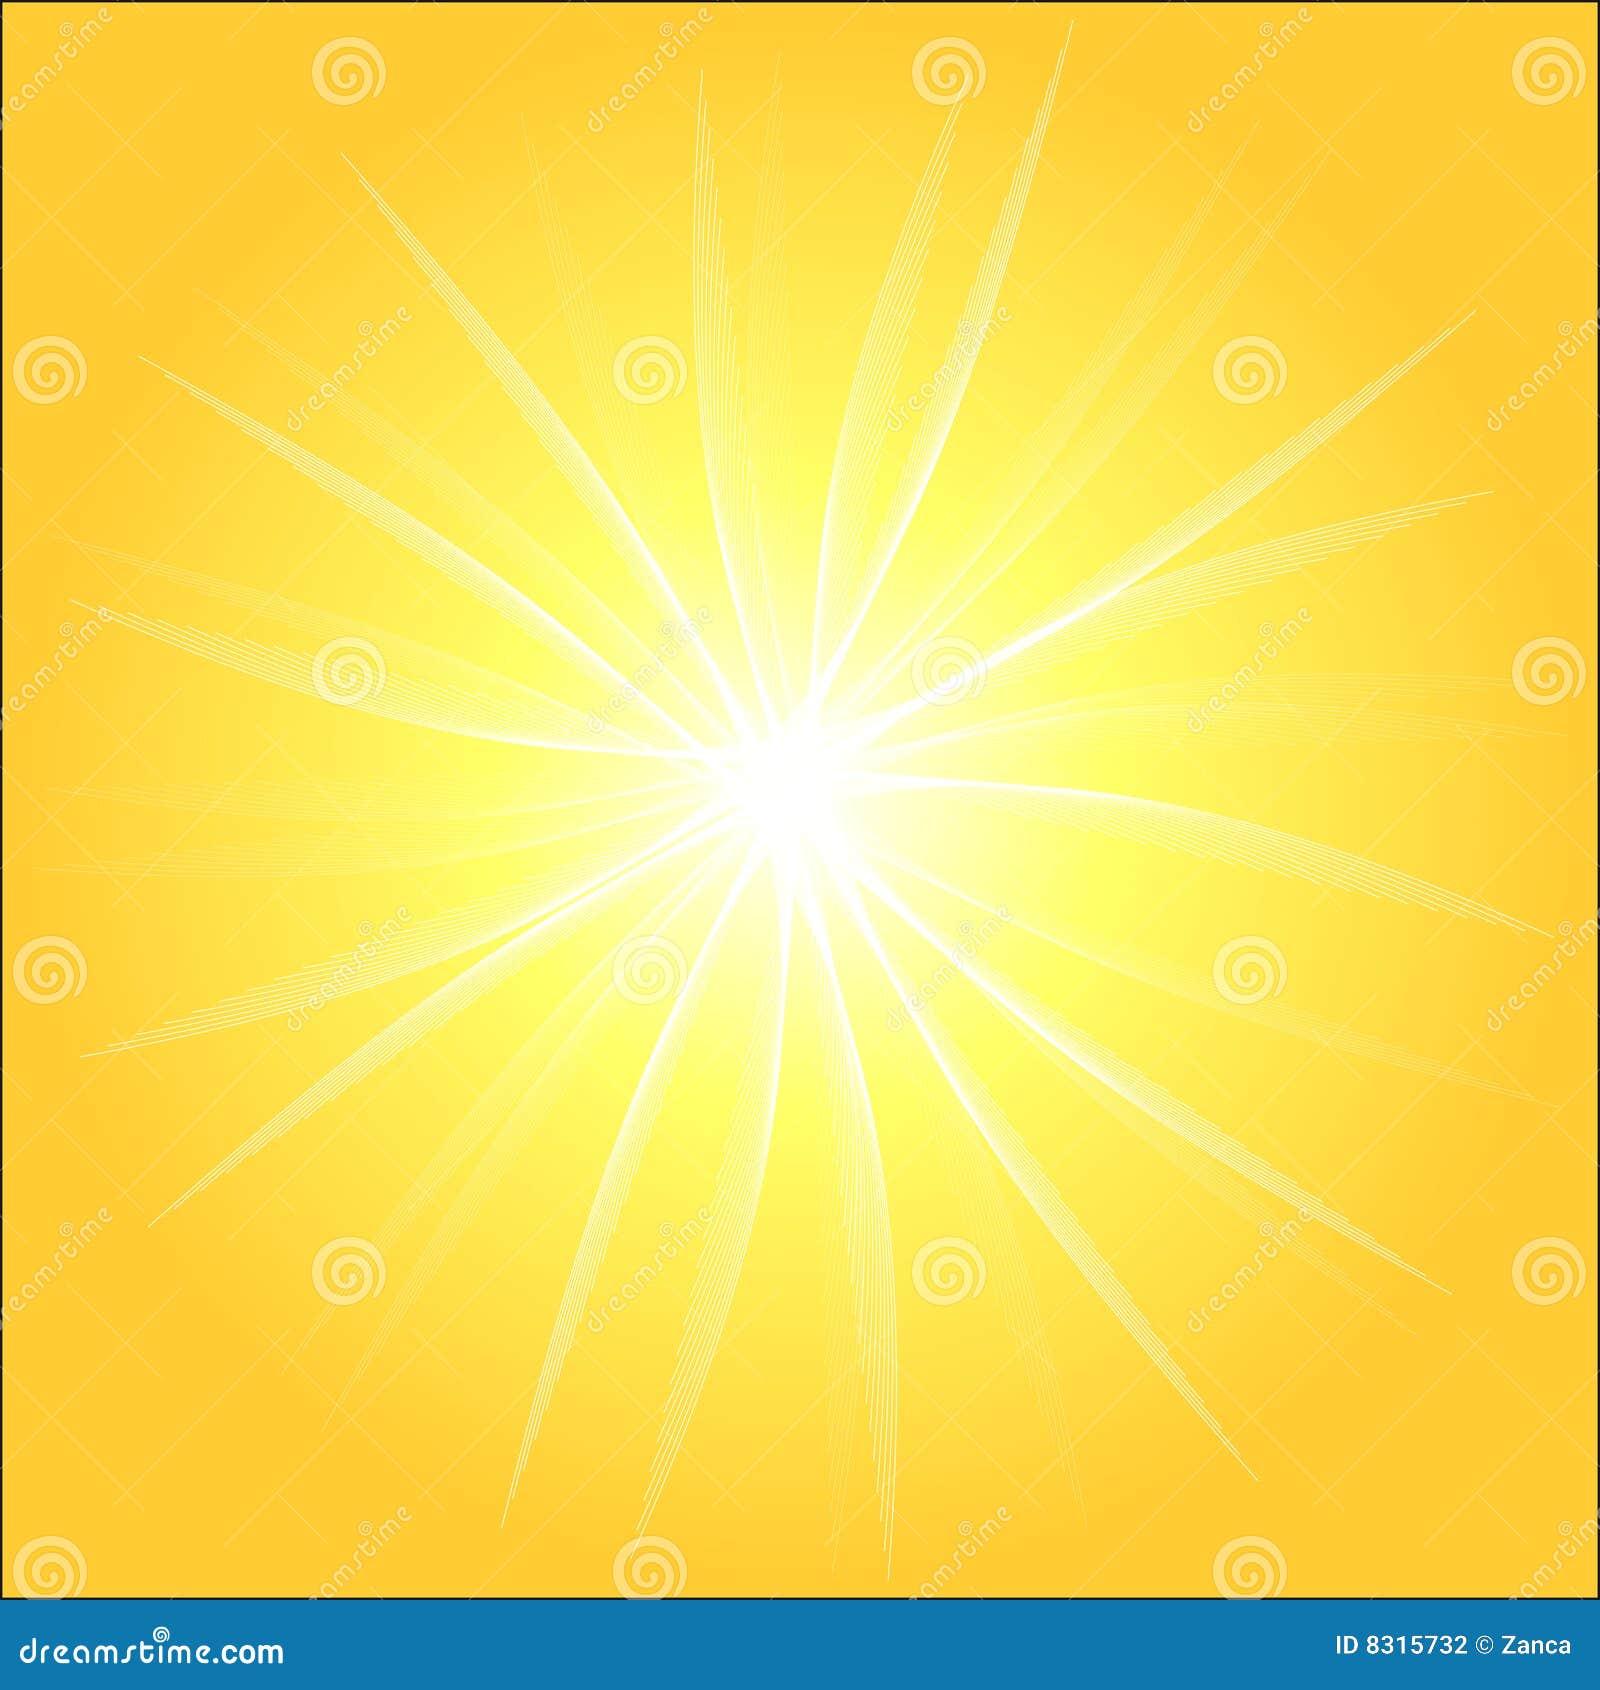 Yellow Sunburst Background Stock Photography - Image: 8315732